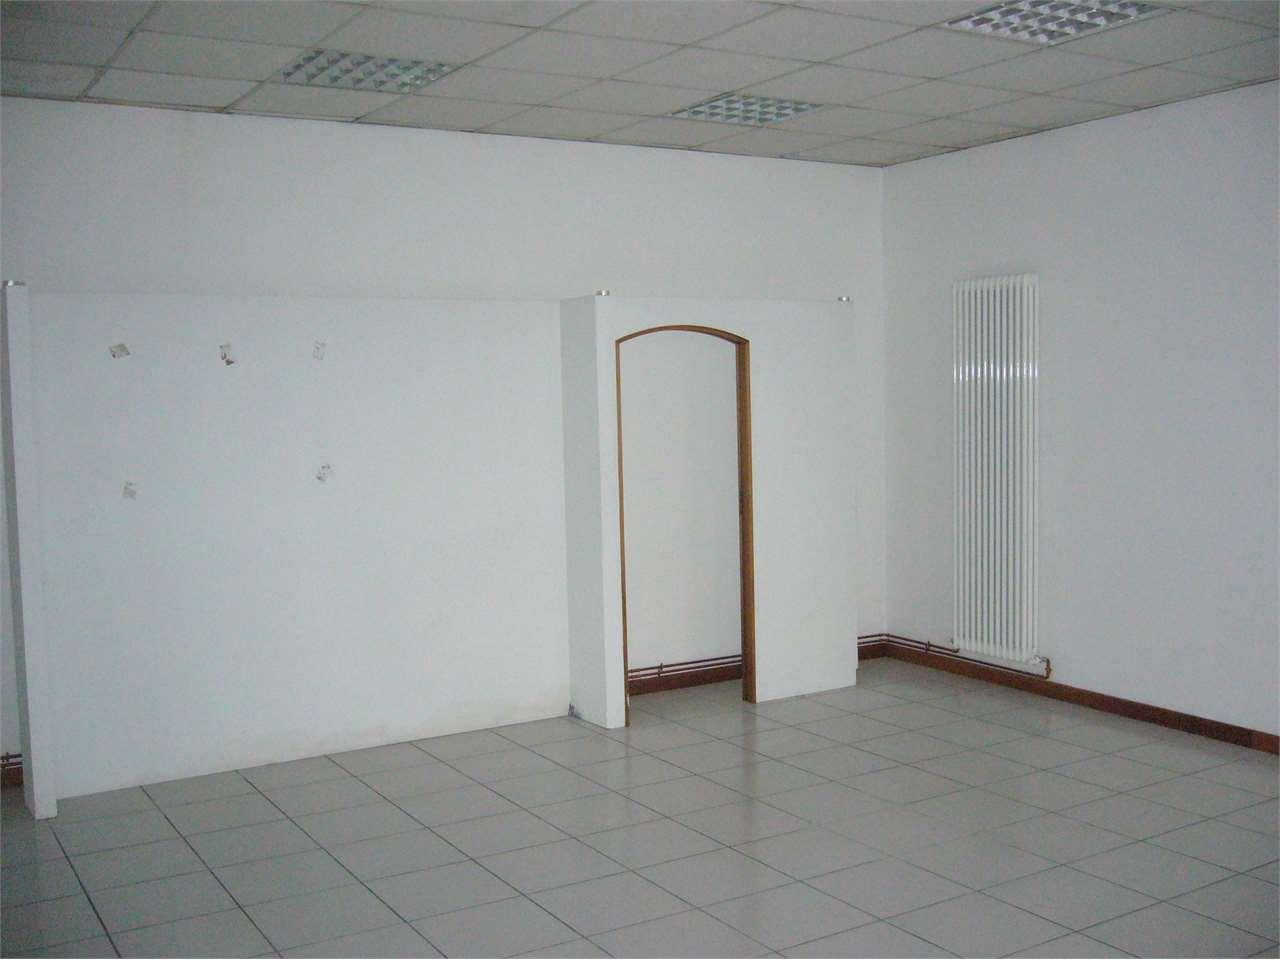 Ufficio / Studio in vendita a Rovereto, 4 locali, Trattative riservate   CambioCasa.it